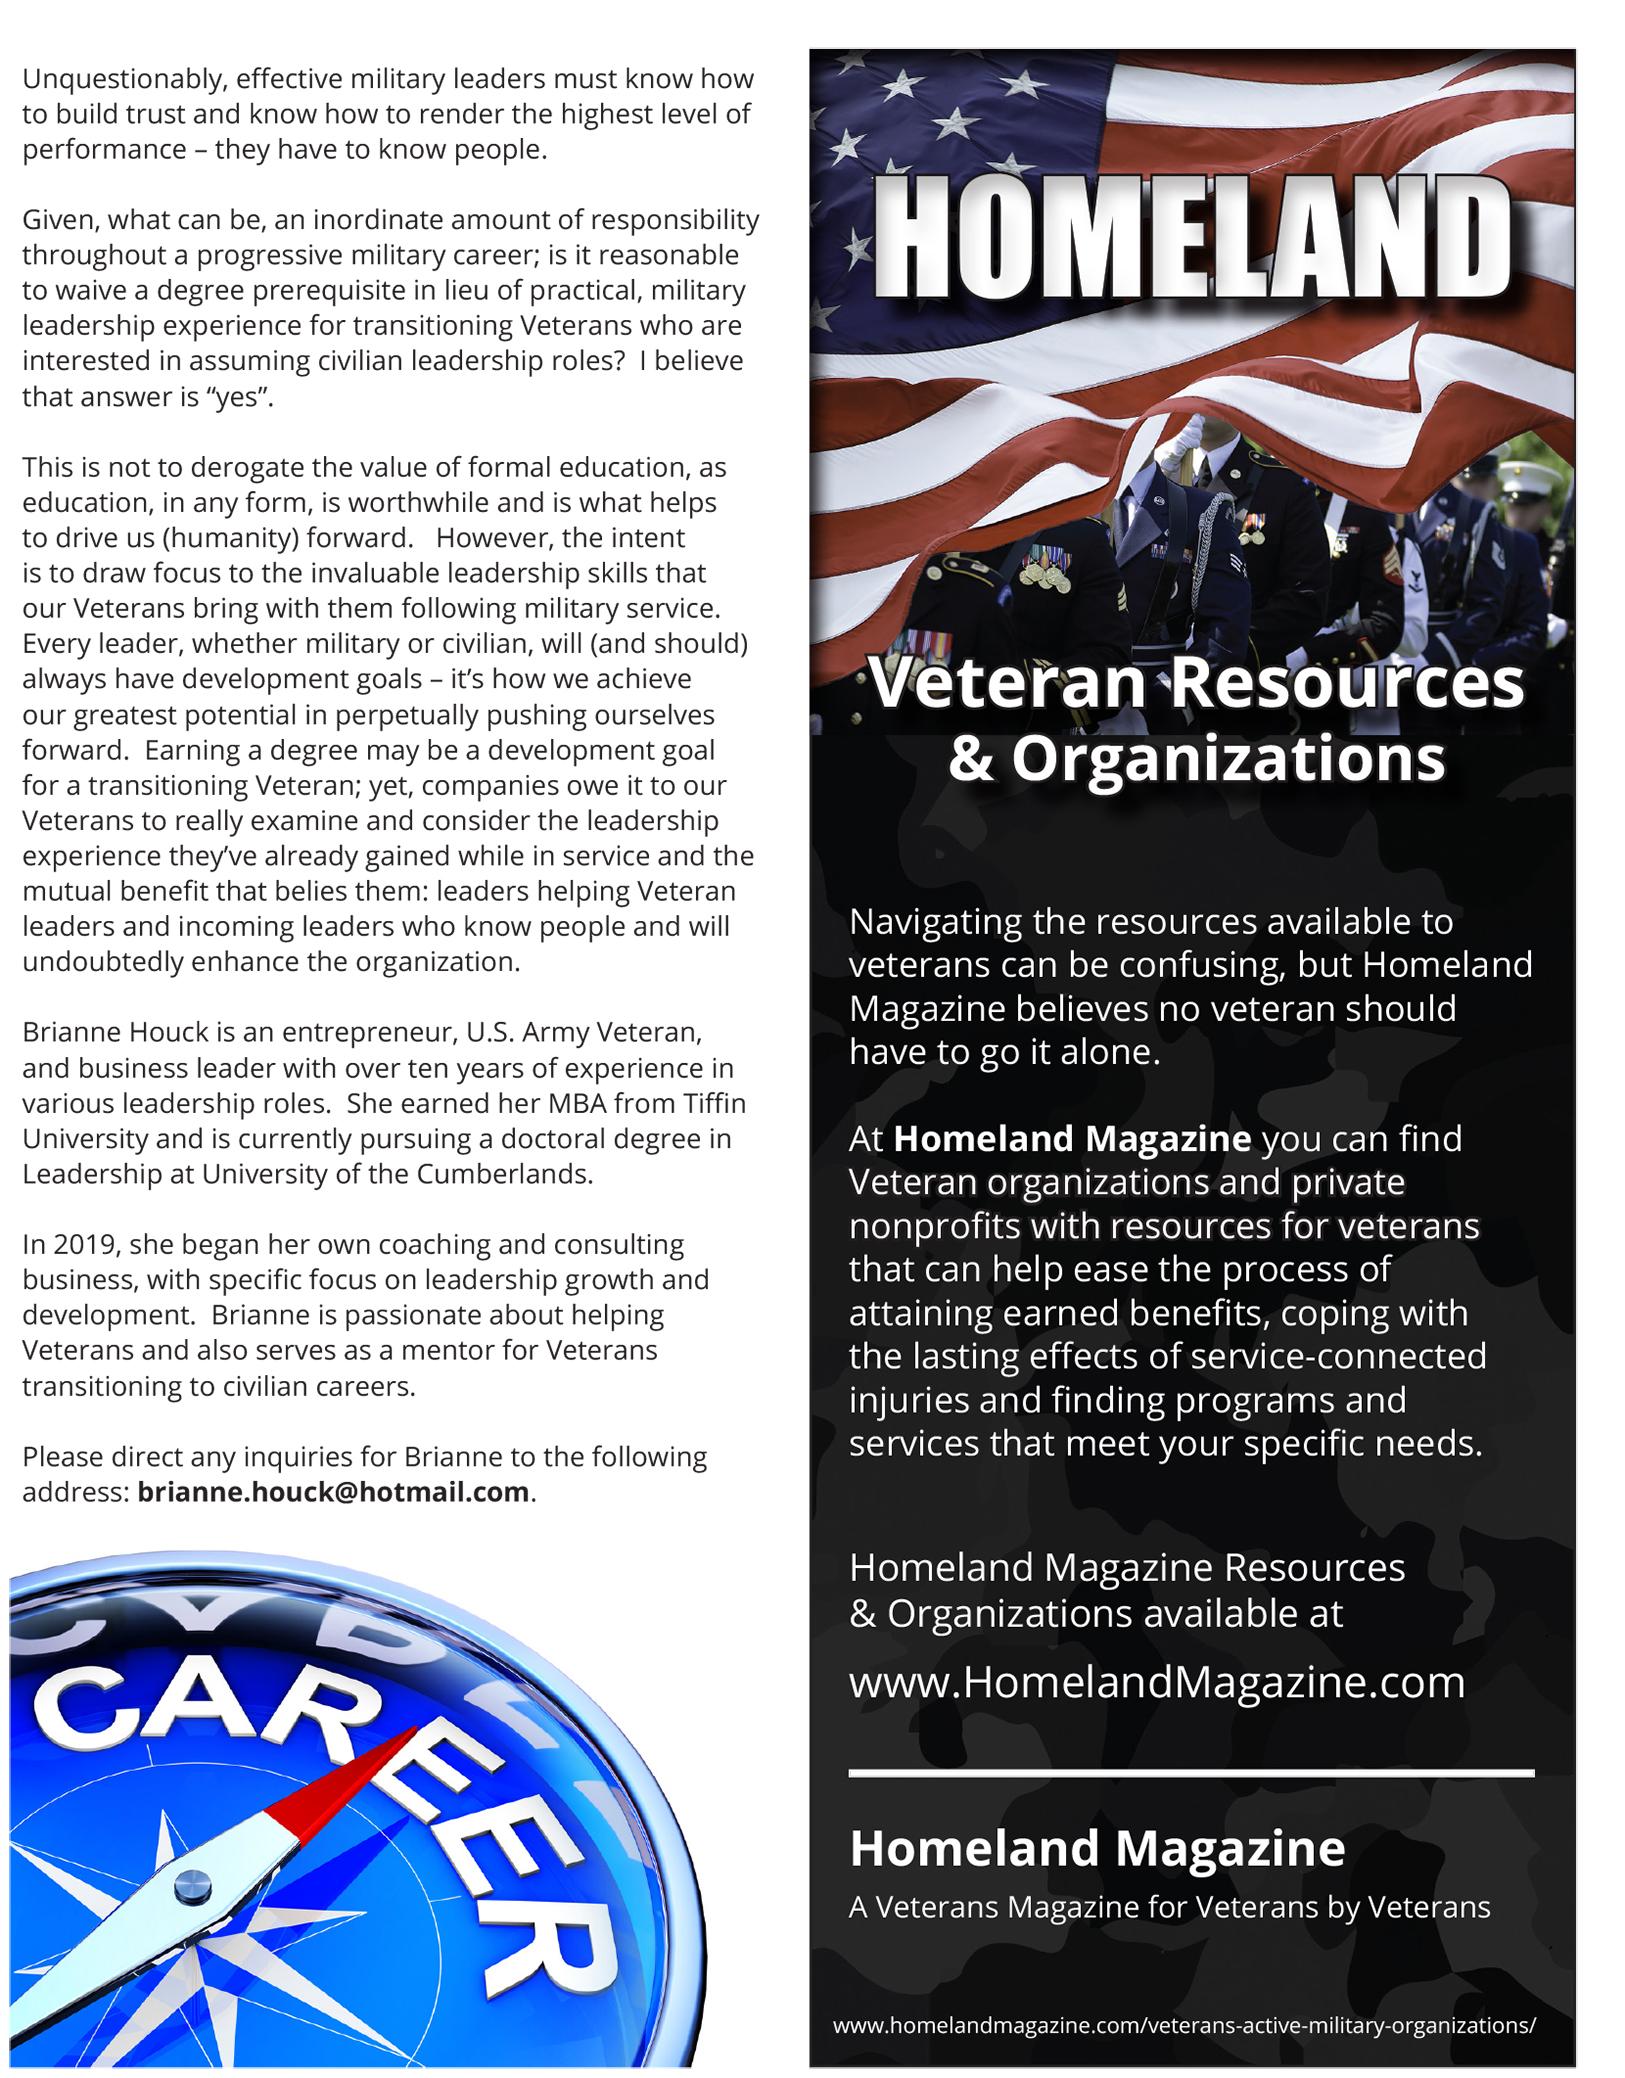 https://homelandmagazine.com/wp-content/uploads/2020/10/29.jpg